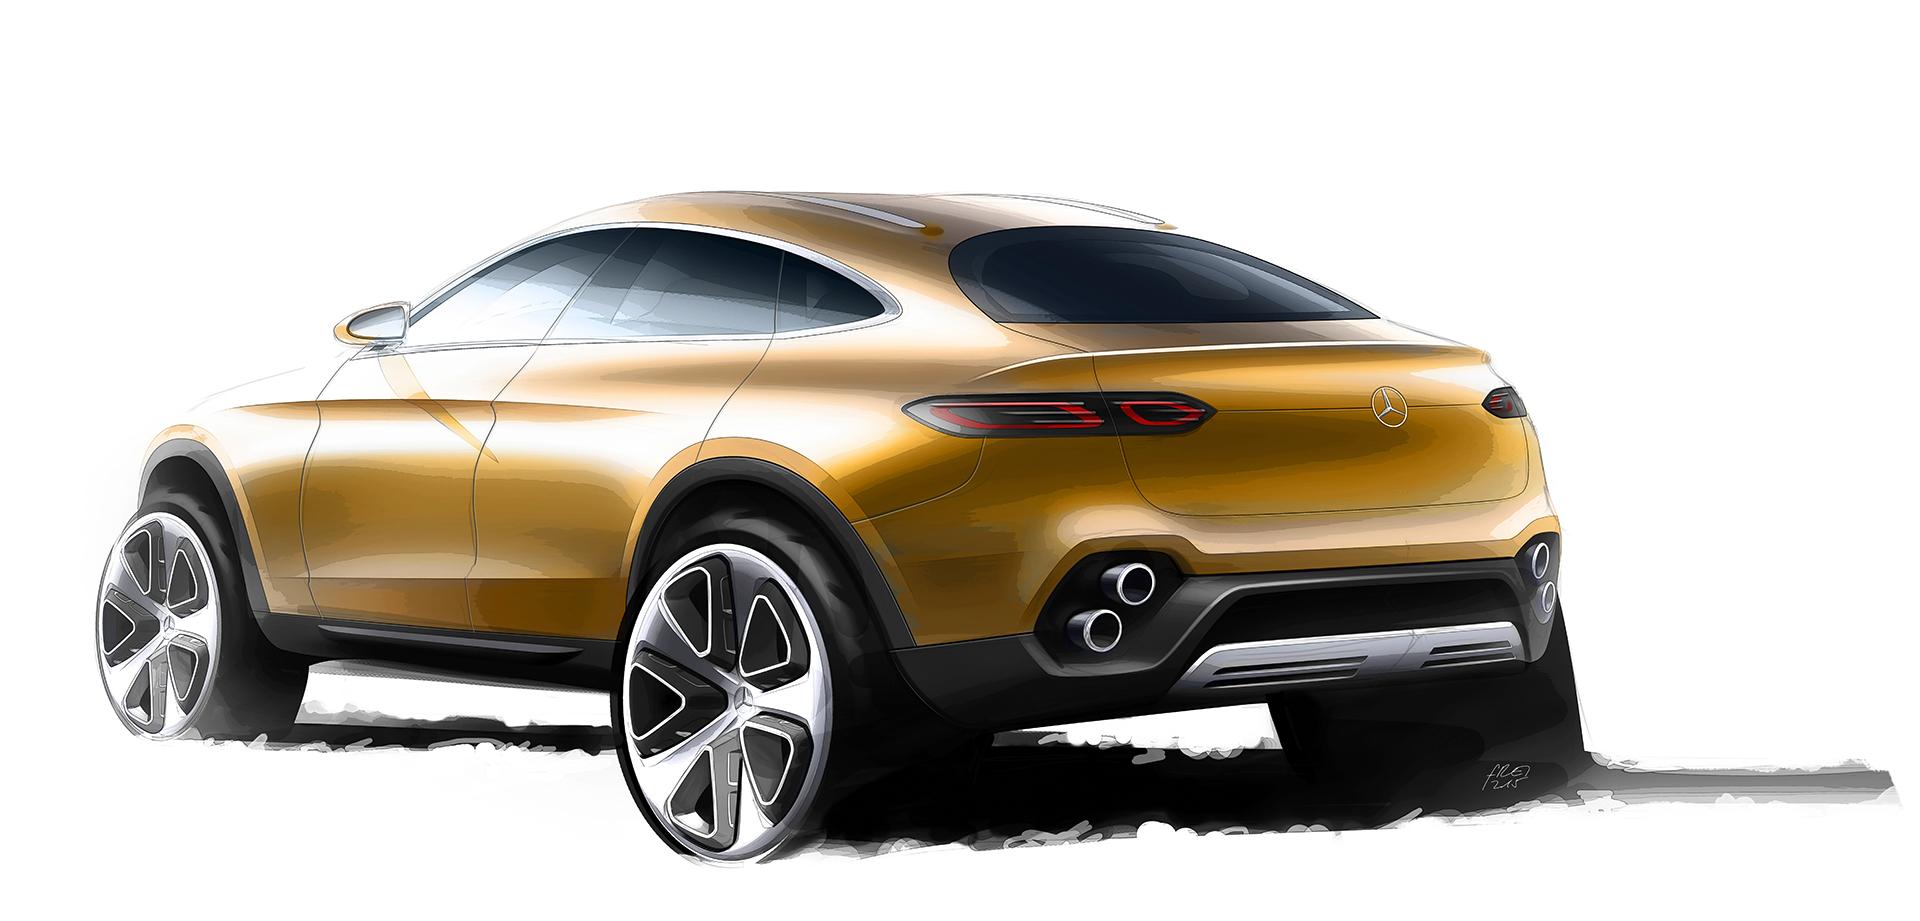 Mercedes-Benz Concept GLC Coupe - sketch - arrière / rear